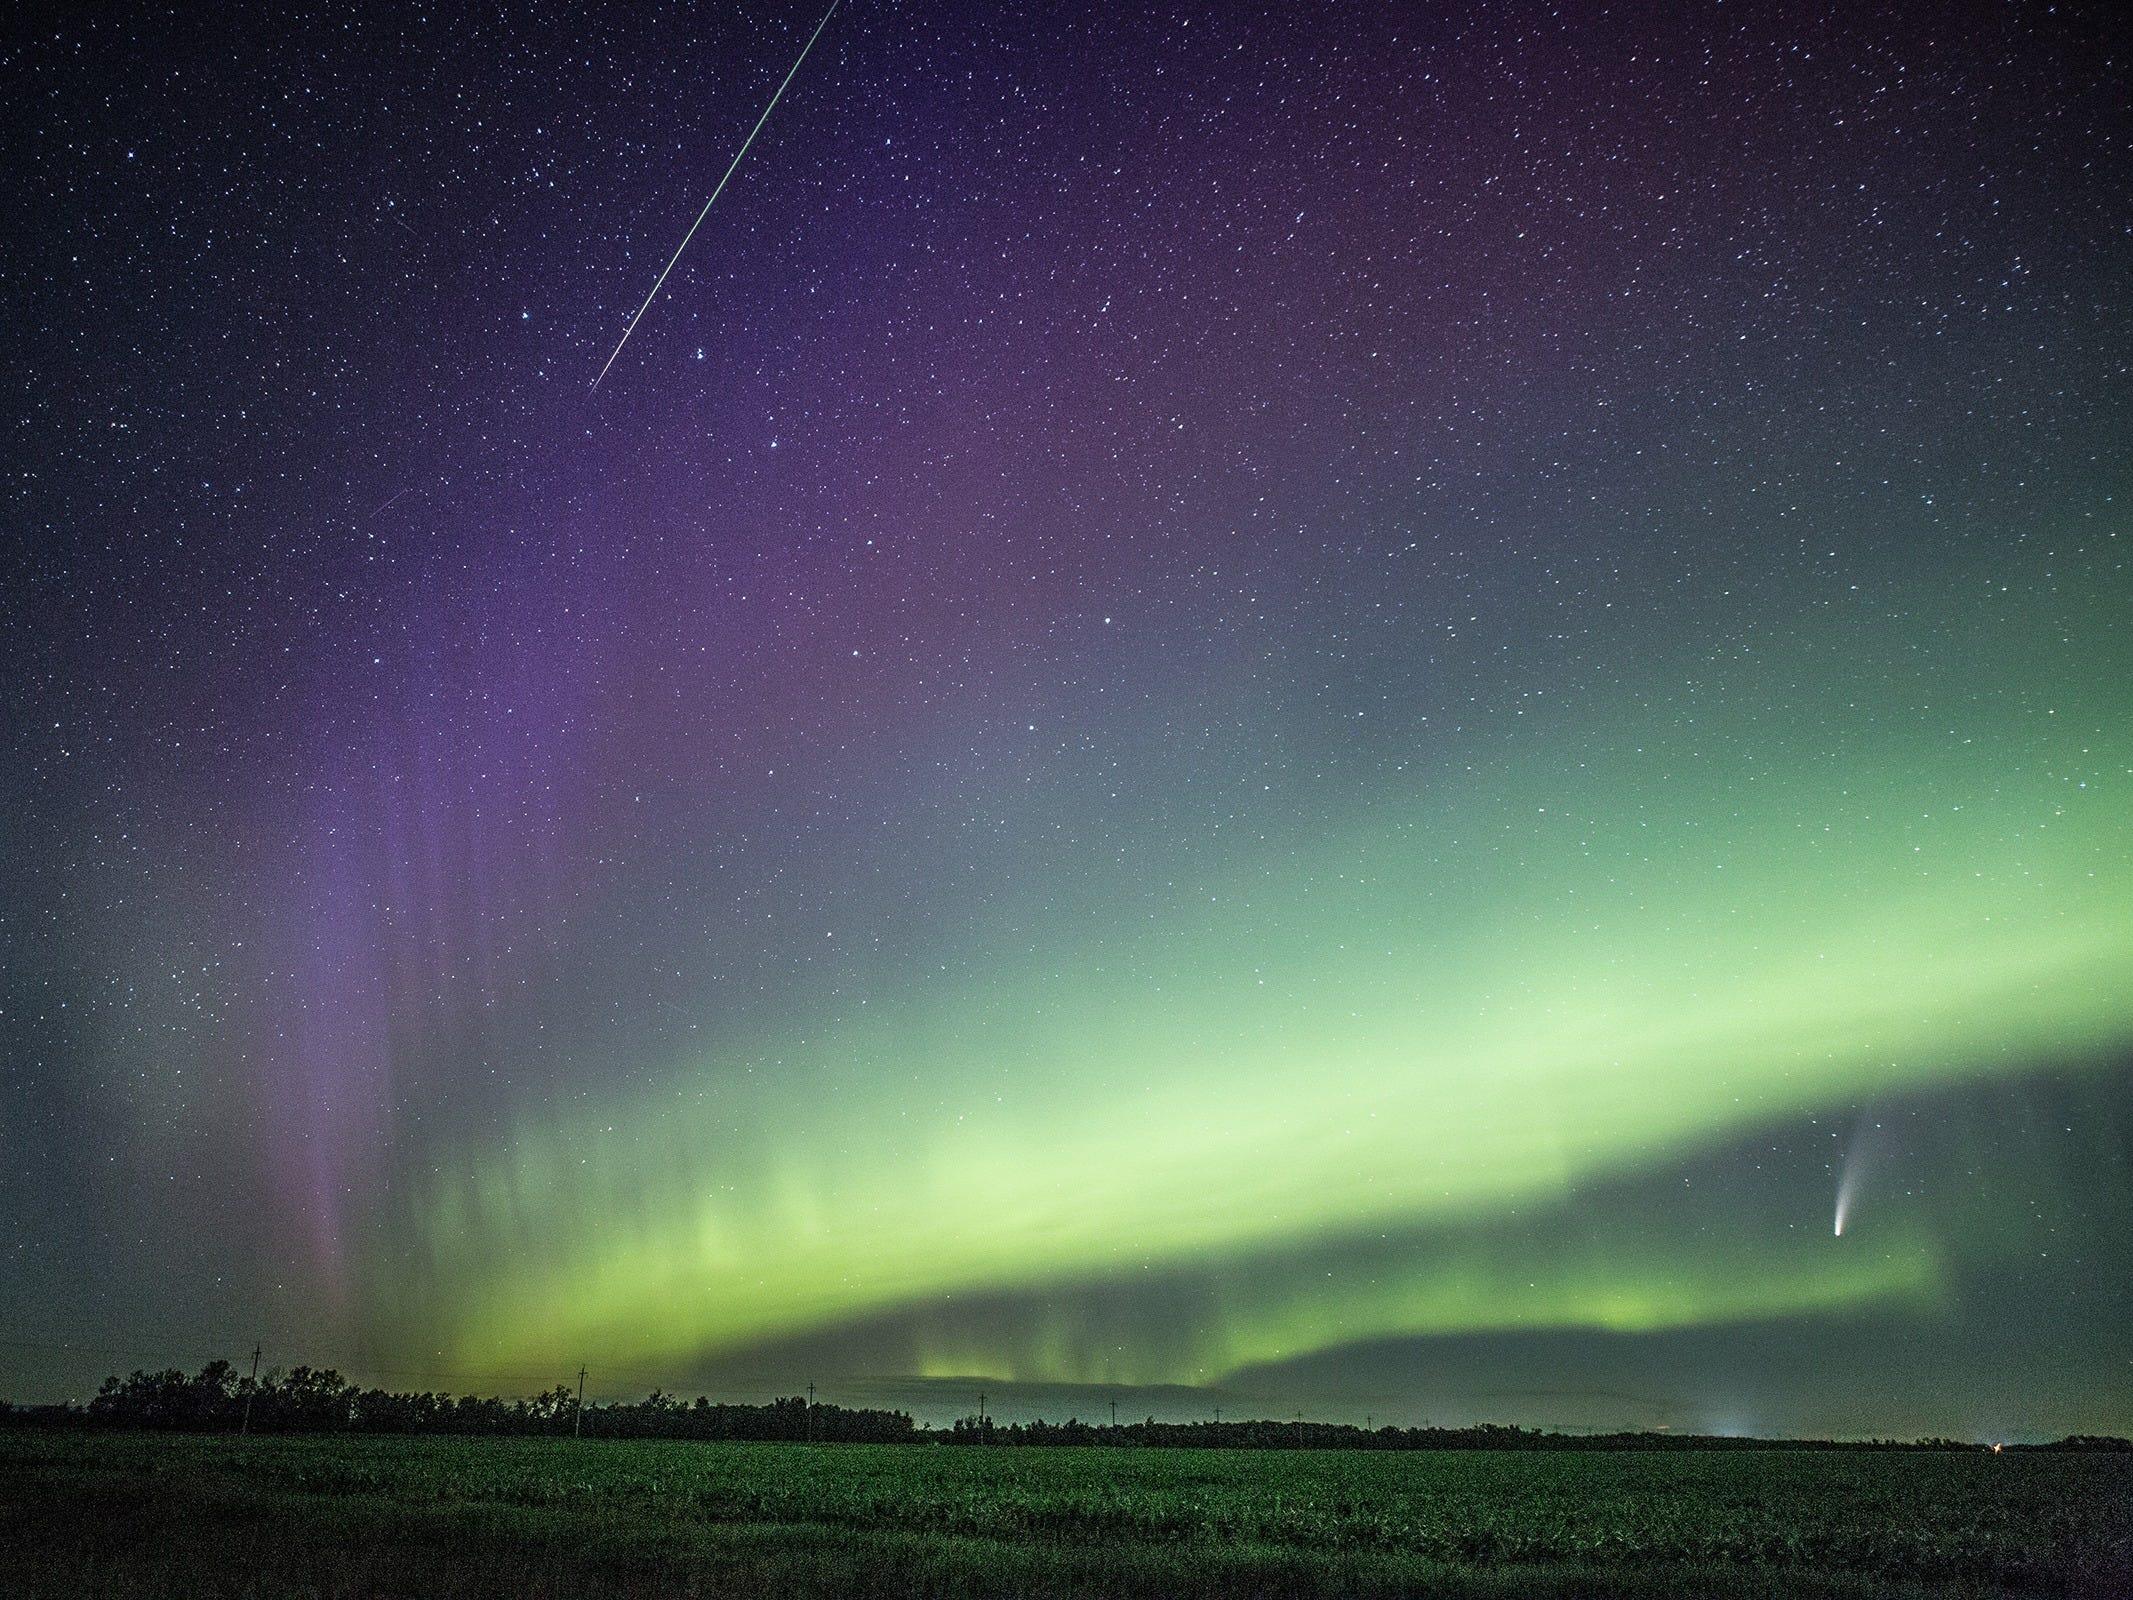 Фотограф запечатлела комету, метеор и полярное сияние на одном снимке